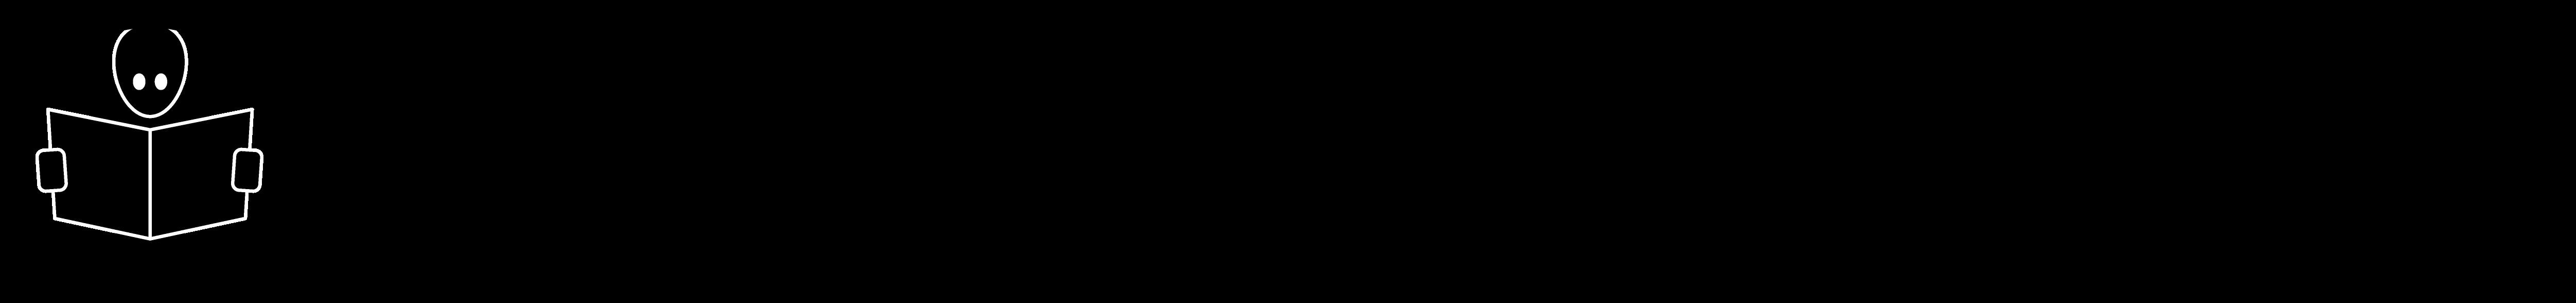 offthewahldotcom logo